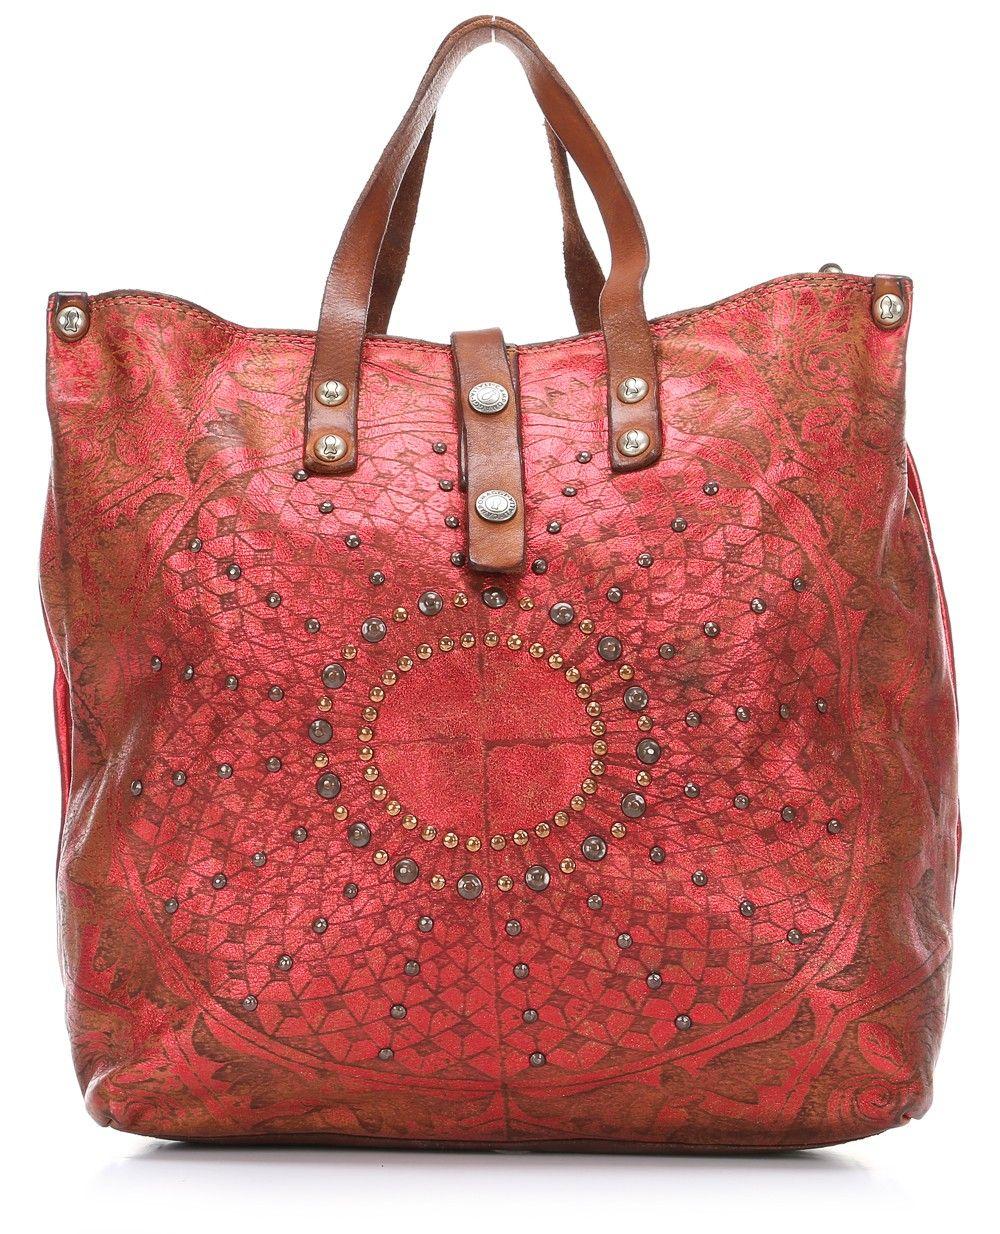 Campomaggi lavata gothic handbag leather red 32 cm - Wardow handtaschen ...